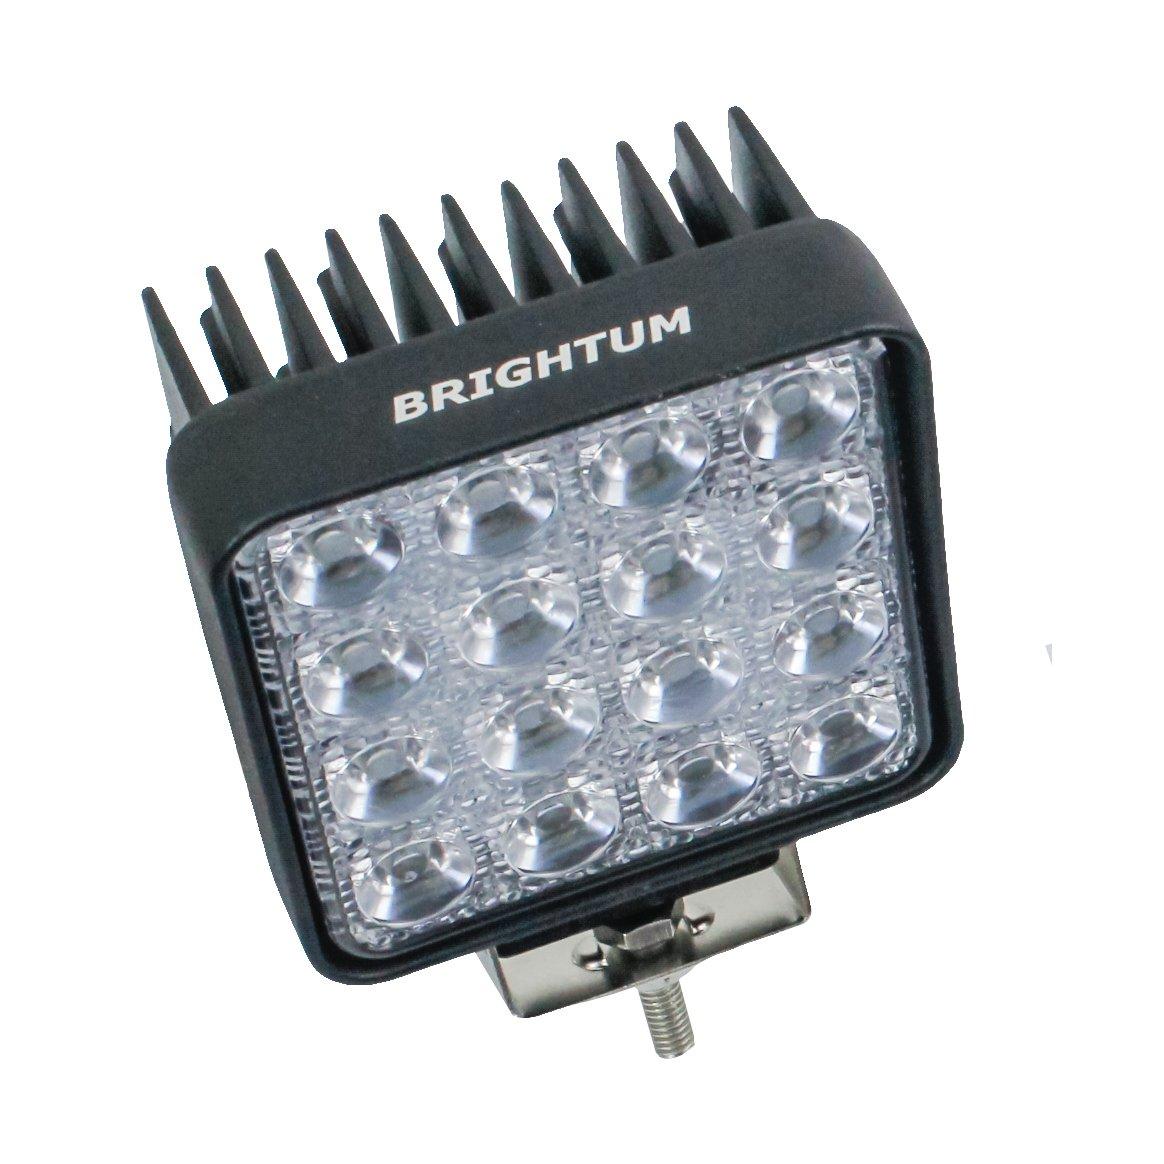 BRIGHTUM 4.3 48W LED Offroad Arbeitsscheinwerfer wei/ß 12V 24V 4560 Lumen Flutlicht Reflektor worklight Scheinwerfer Arbeitslicht SUV UTV ATV Arbeitslampe Traktor Bagger